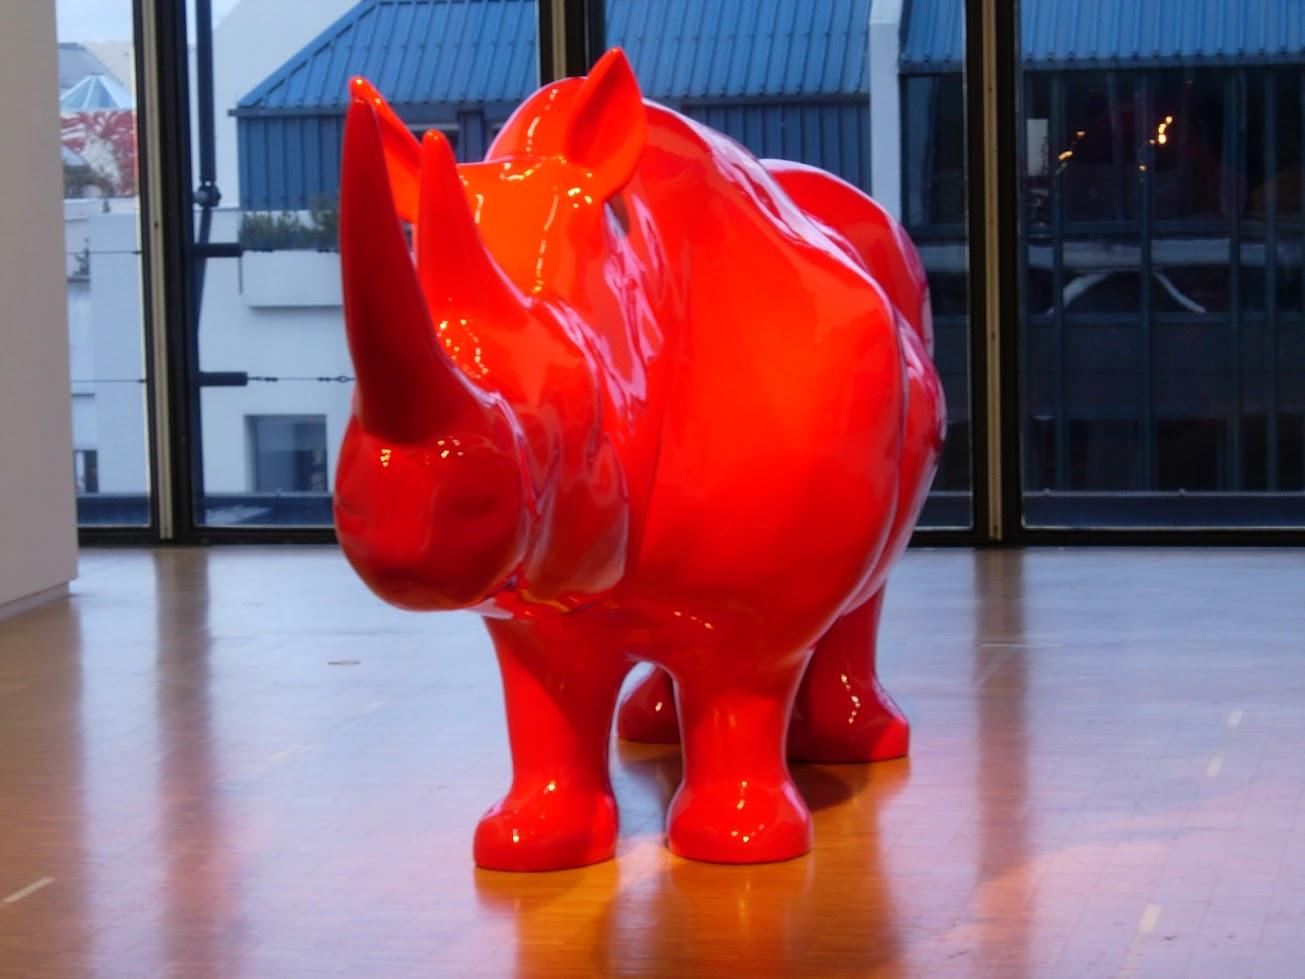 Rhinocéros par Xavier Veilhan au Centre Georges Pompidou à Paris